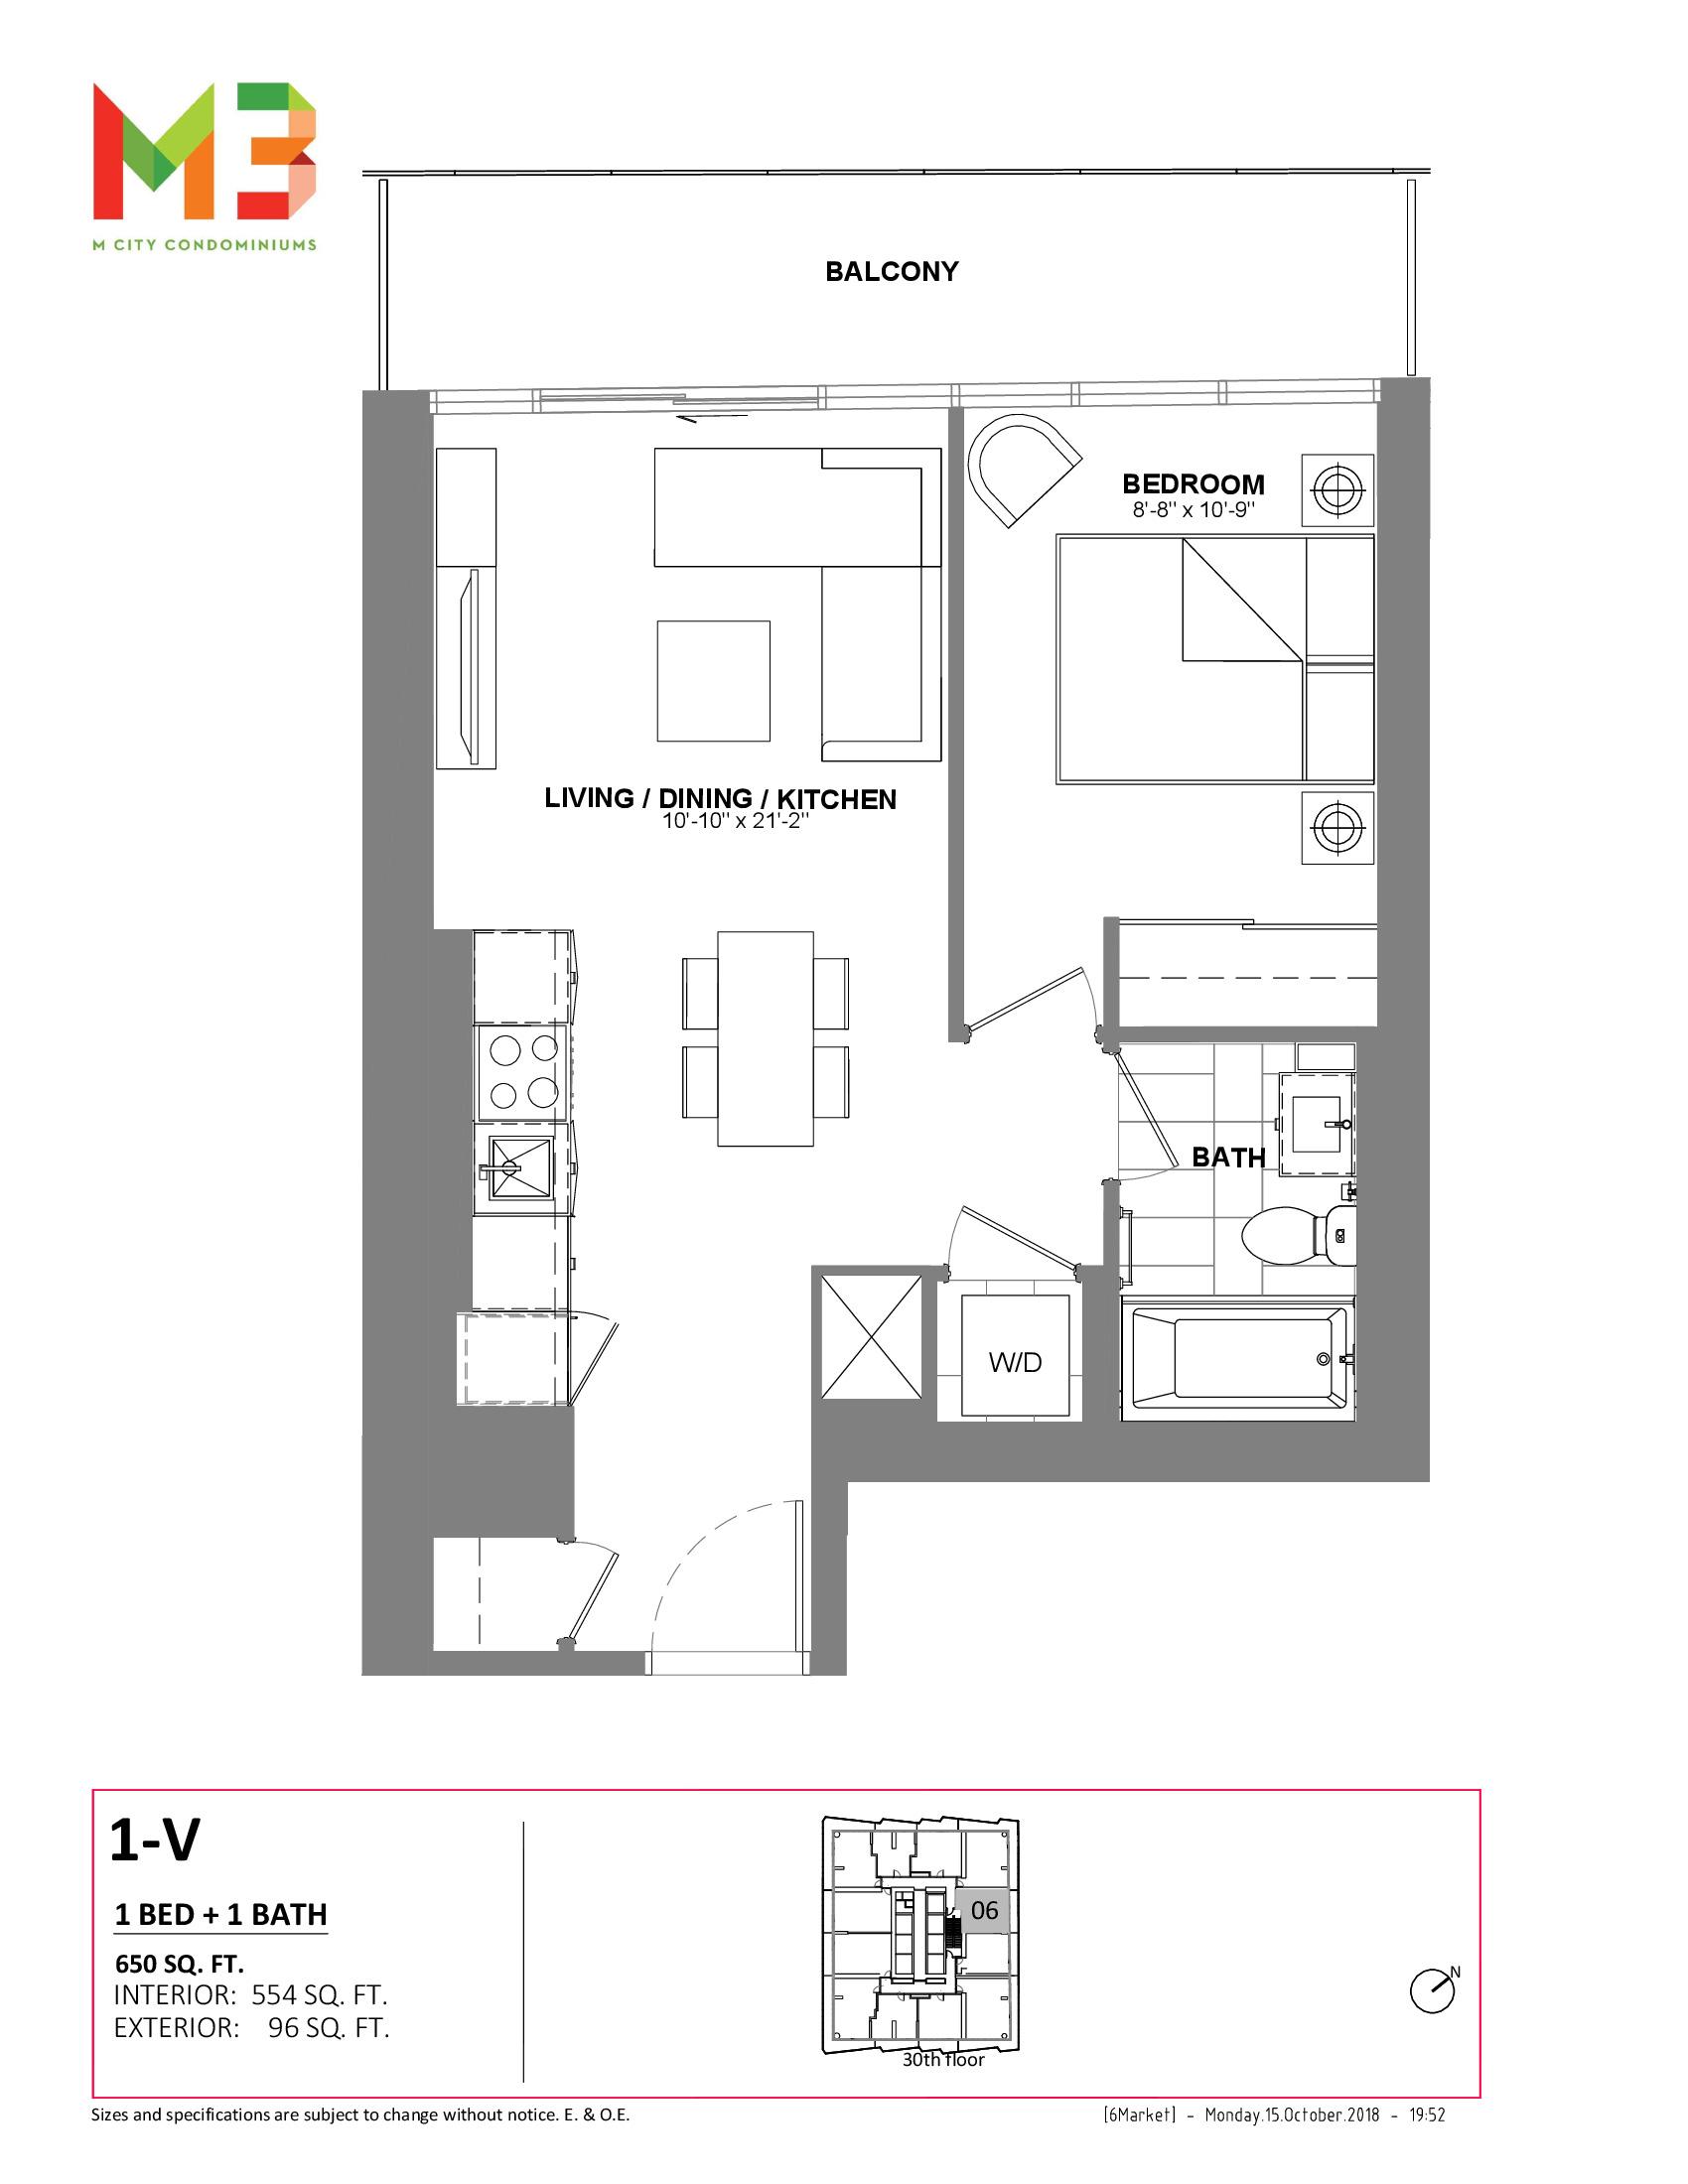 1-V Floor Plan at M3 Condos - 554 sq.ft